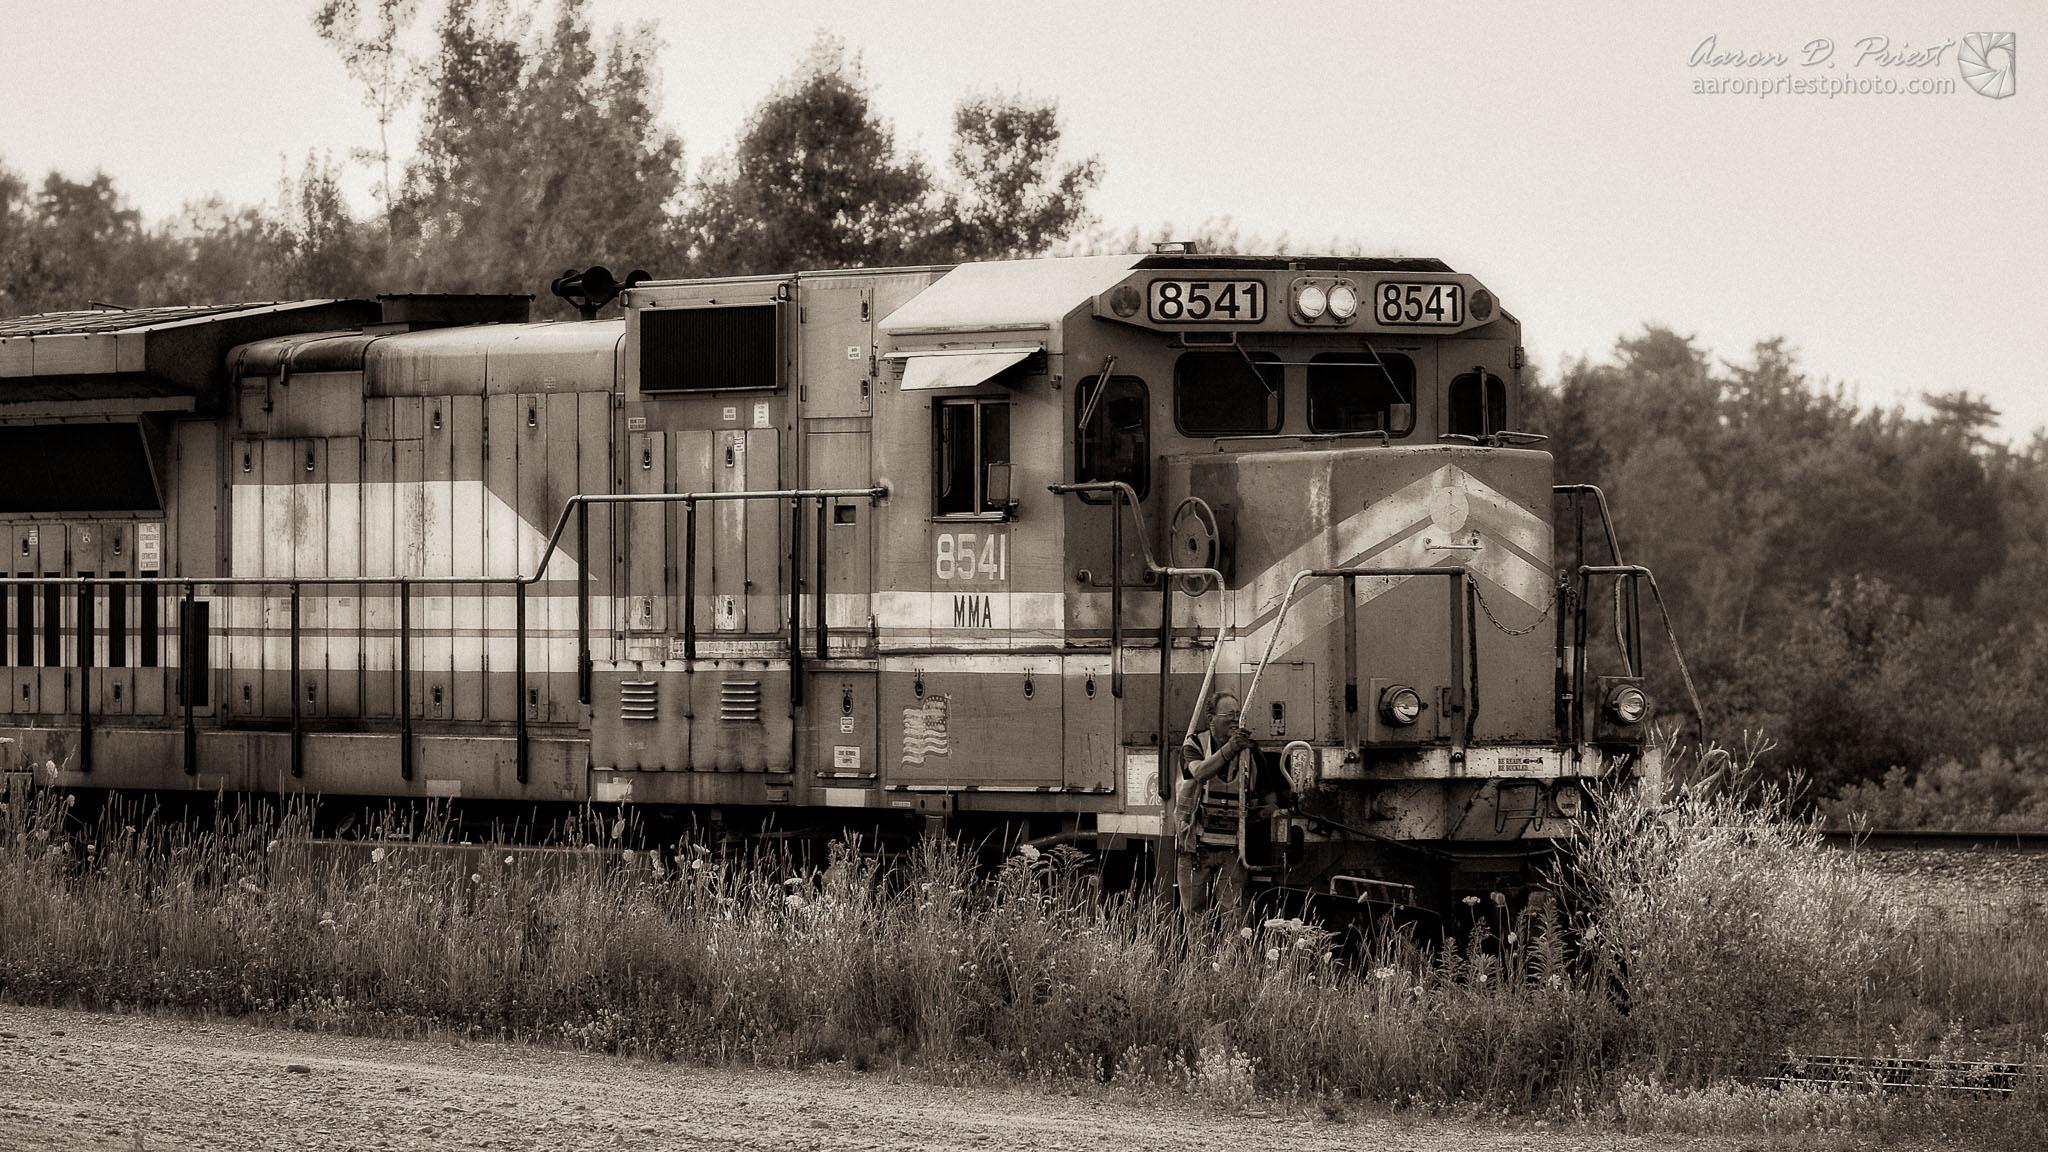 2011-07-21-40952.jpg